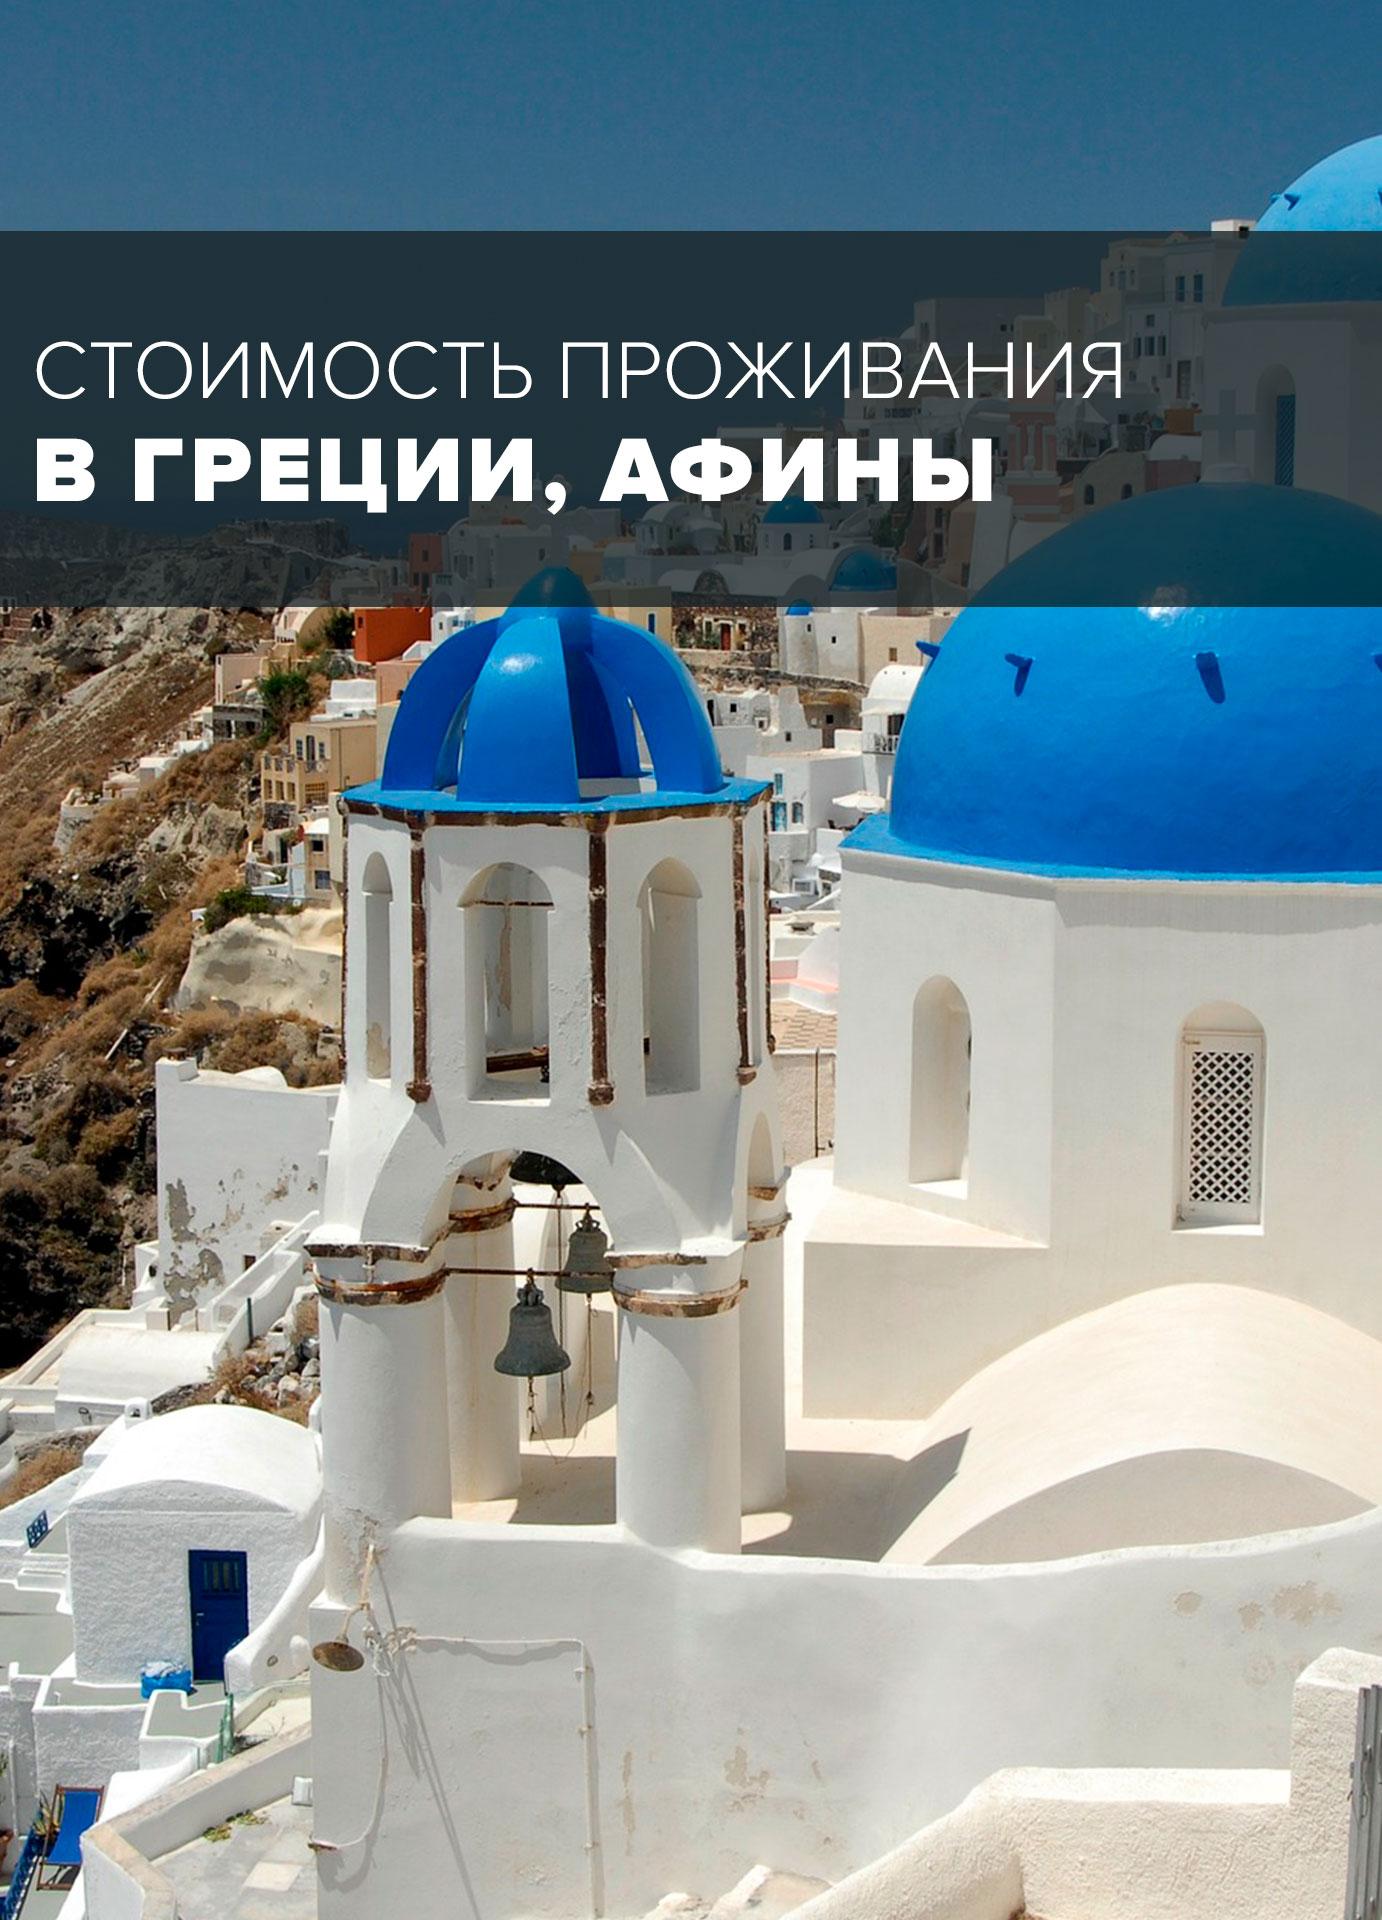 Стоимость проживания в Греции, Афины - аренда жилья, продукты